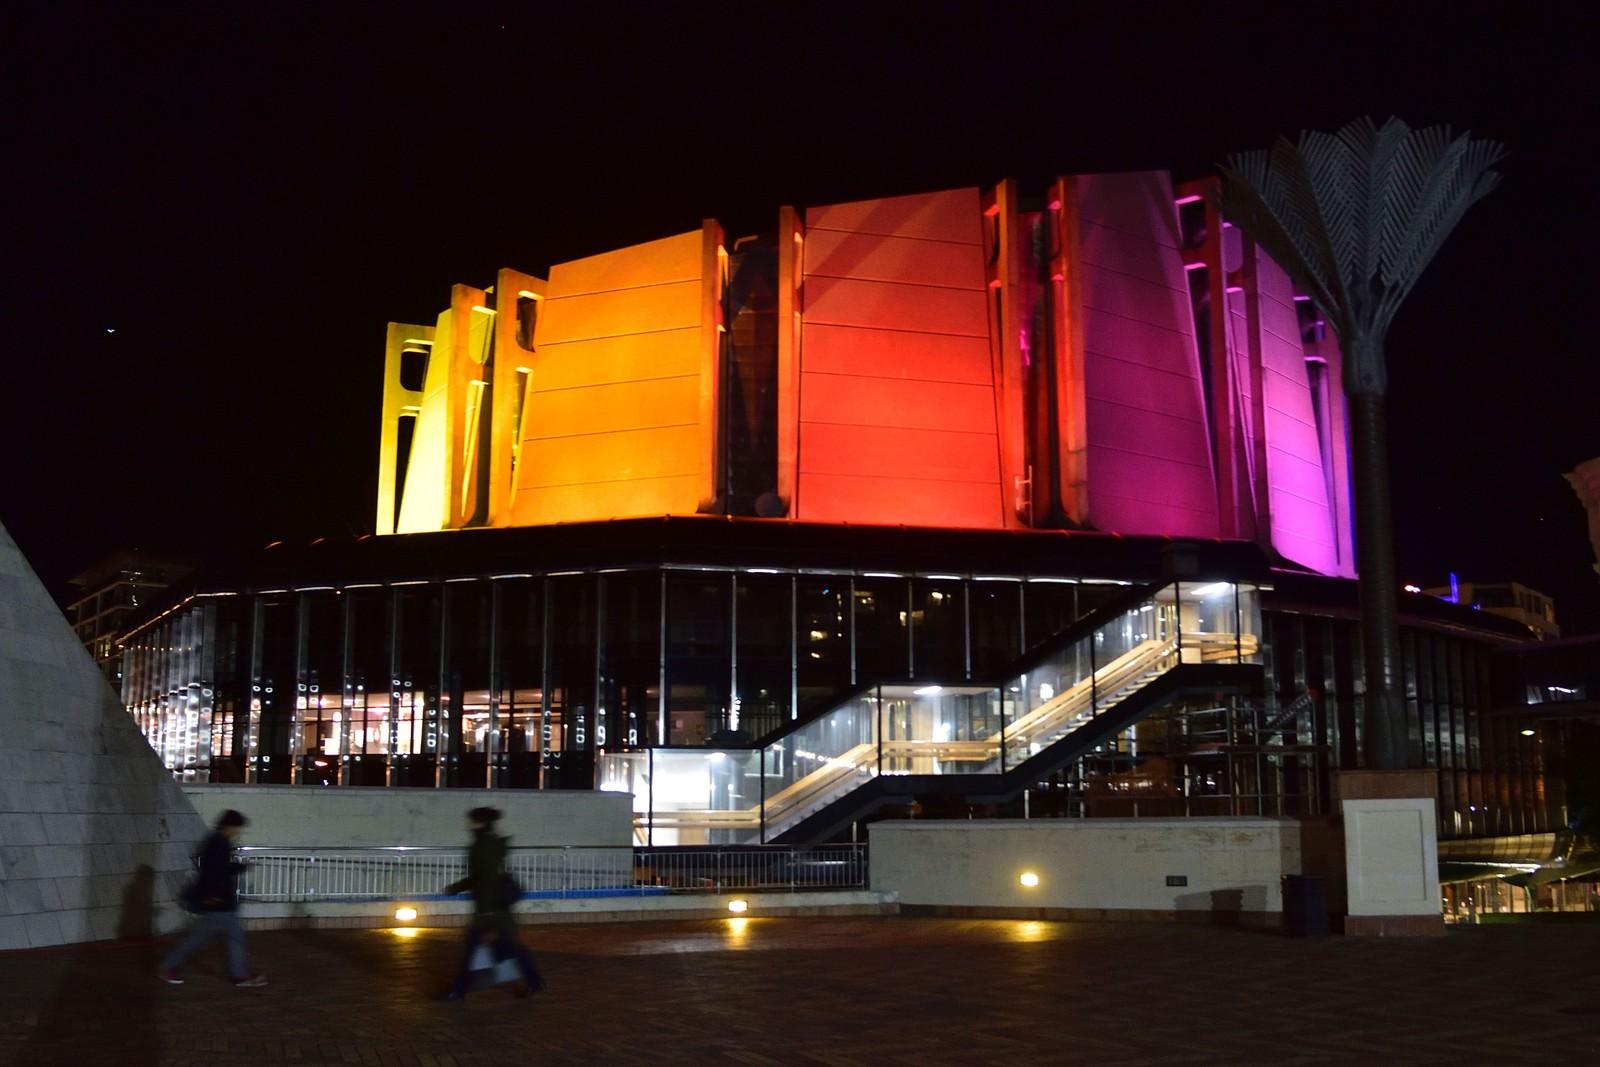 NEW ZEALAND: Vinduene til konsertsalen Michael Fowler Centre i Wellington er kledt i regnbuens farger for å minnes ofrene for skytemassakren i en homoklubb Orlando.